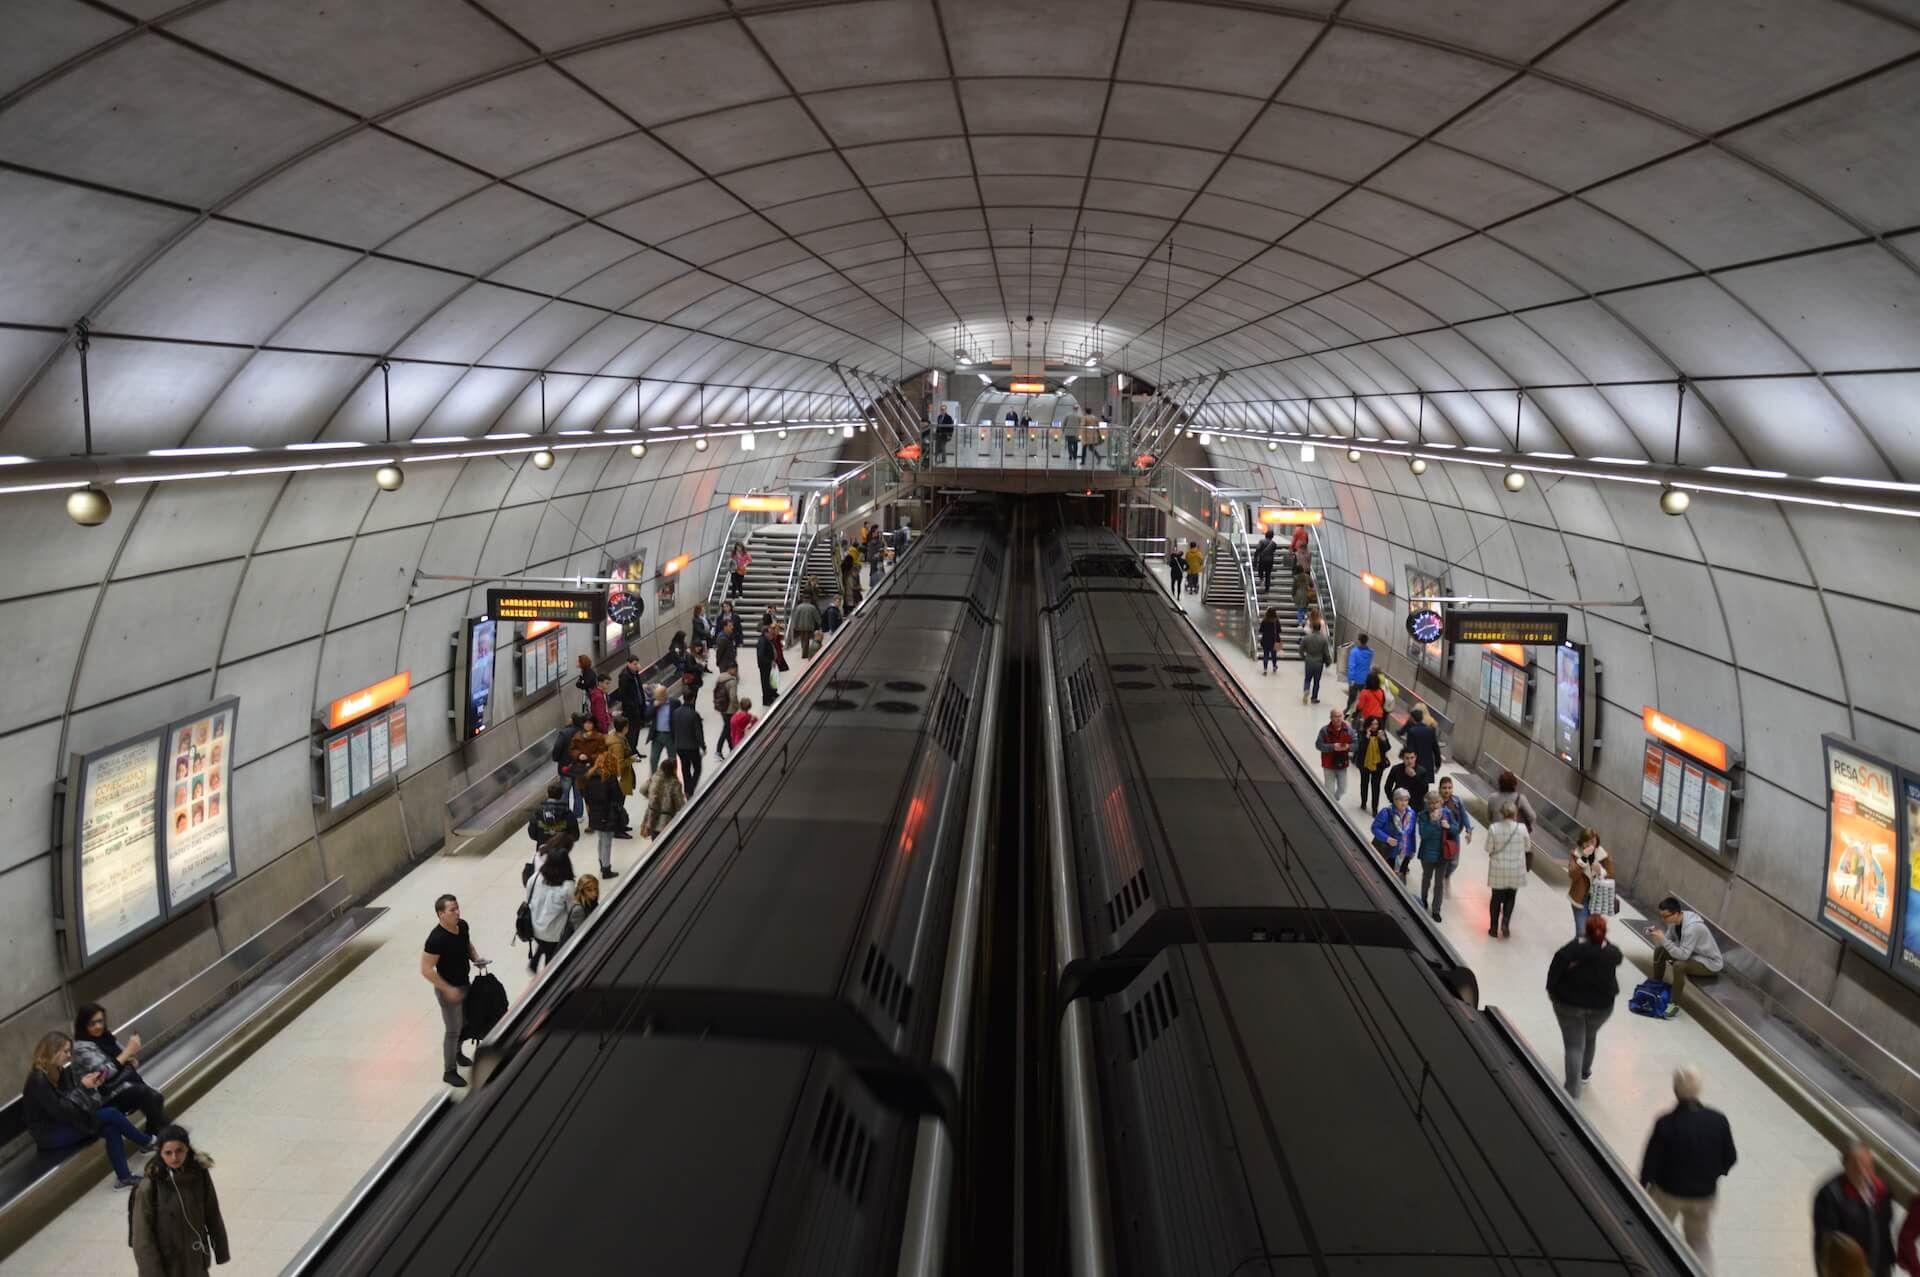 Wifinova inaugura WiFi en las estaciones de Indautxu y Abando en Metro Bilbao